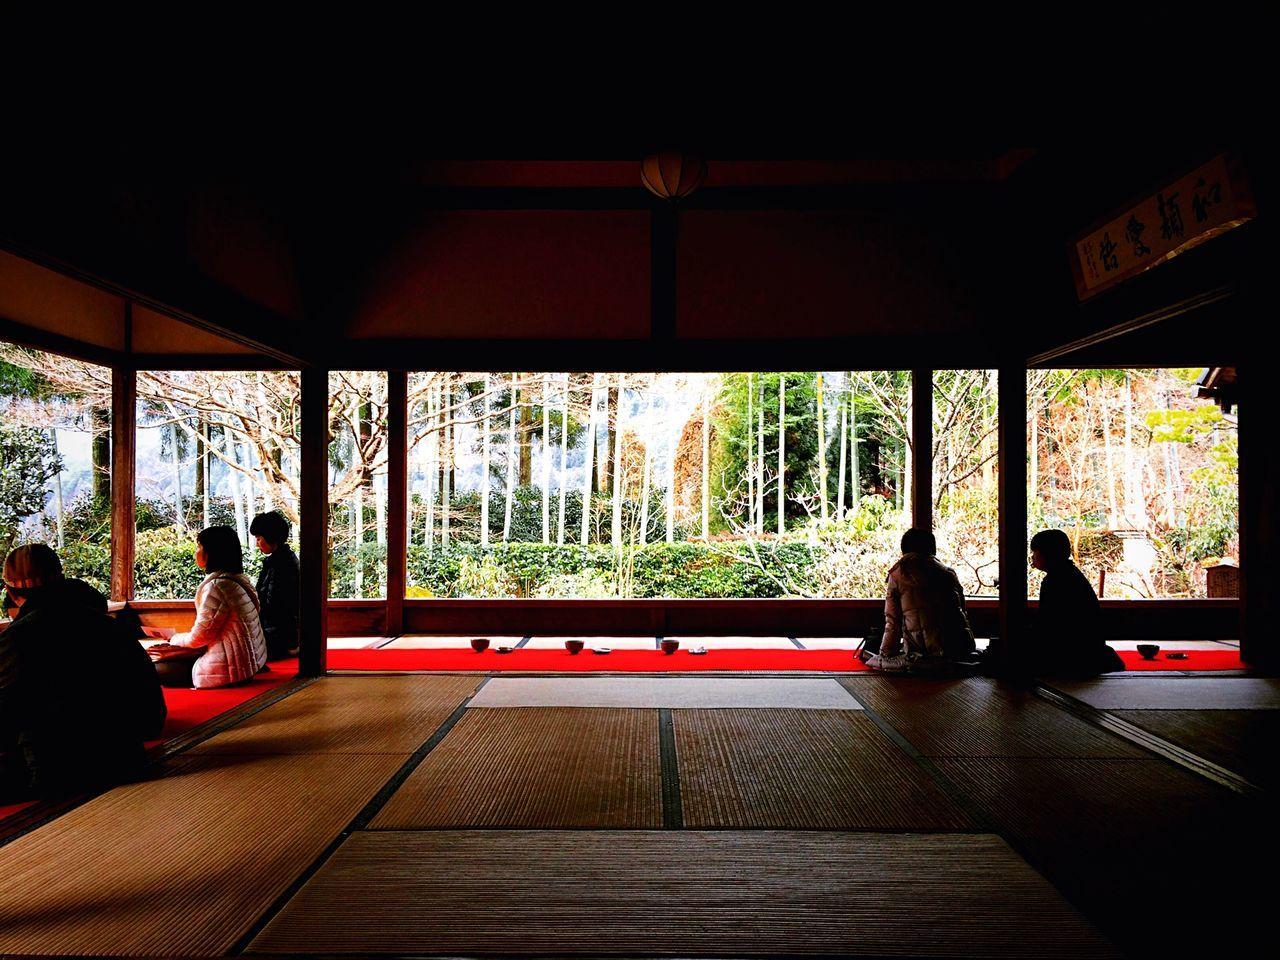 宝泉院 額縁庭園 大原 京都 Kyoto 寺社仏閣 Relaxing